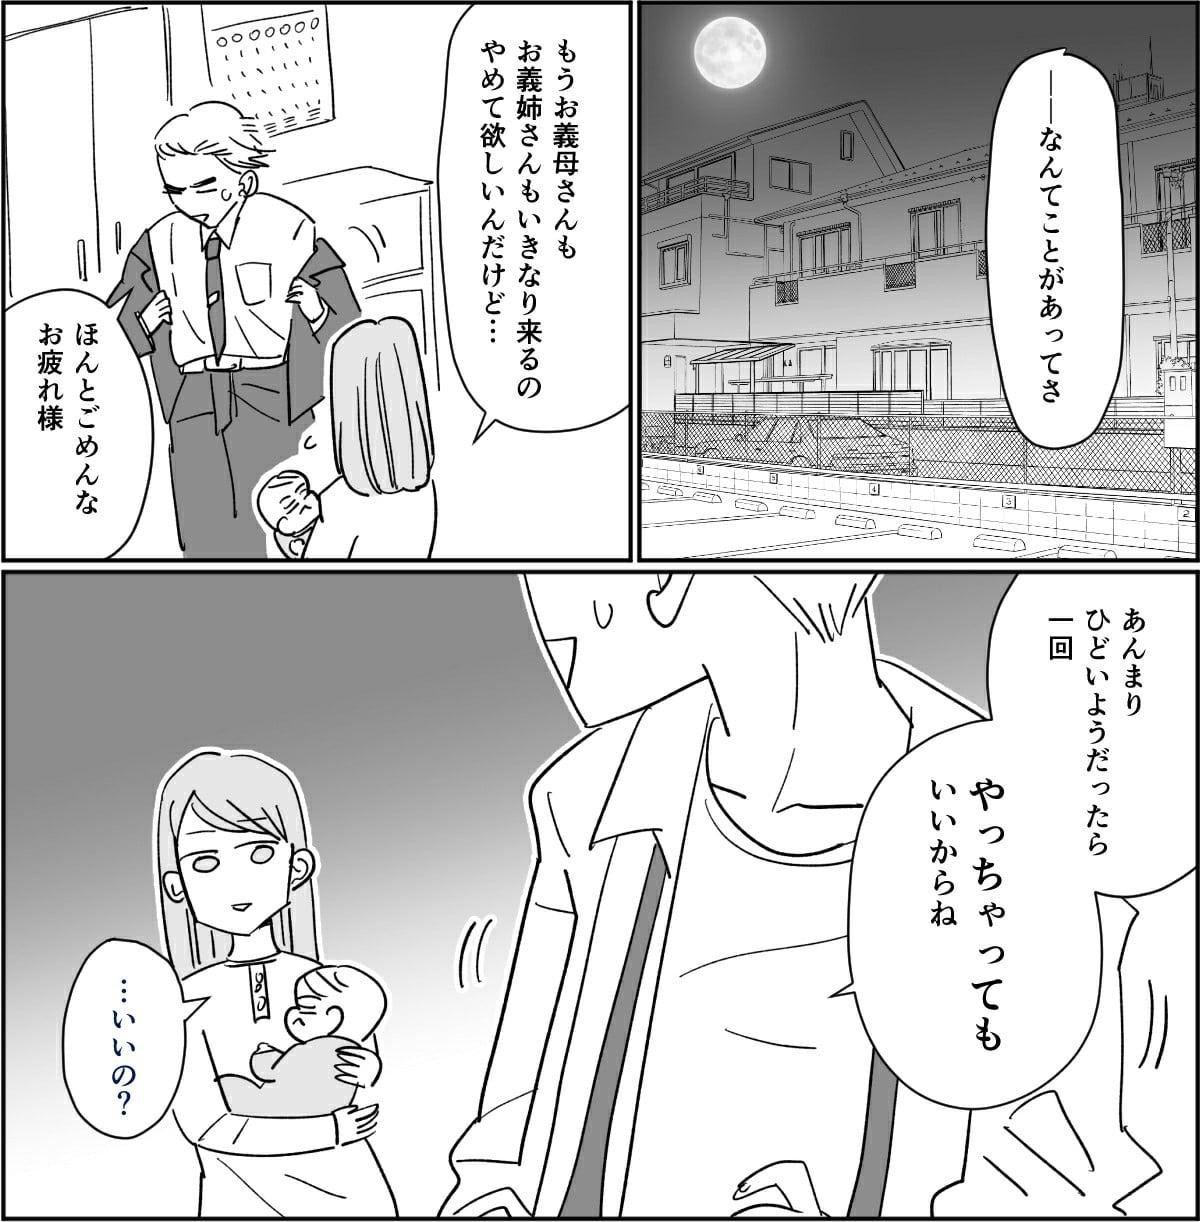 【前編】「マジふざけるな!」